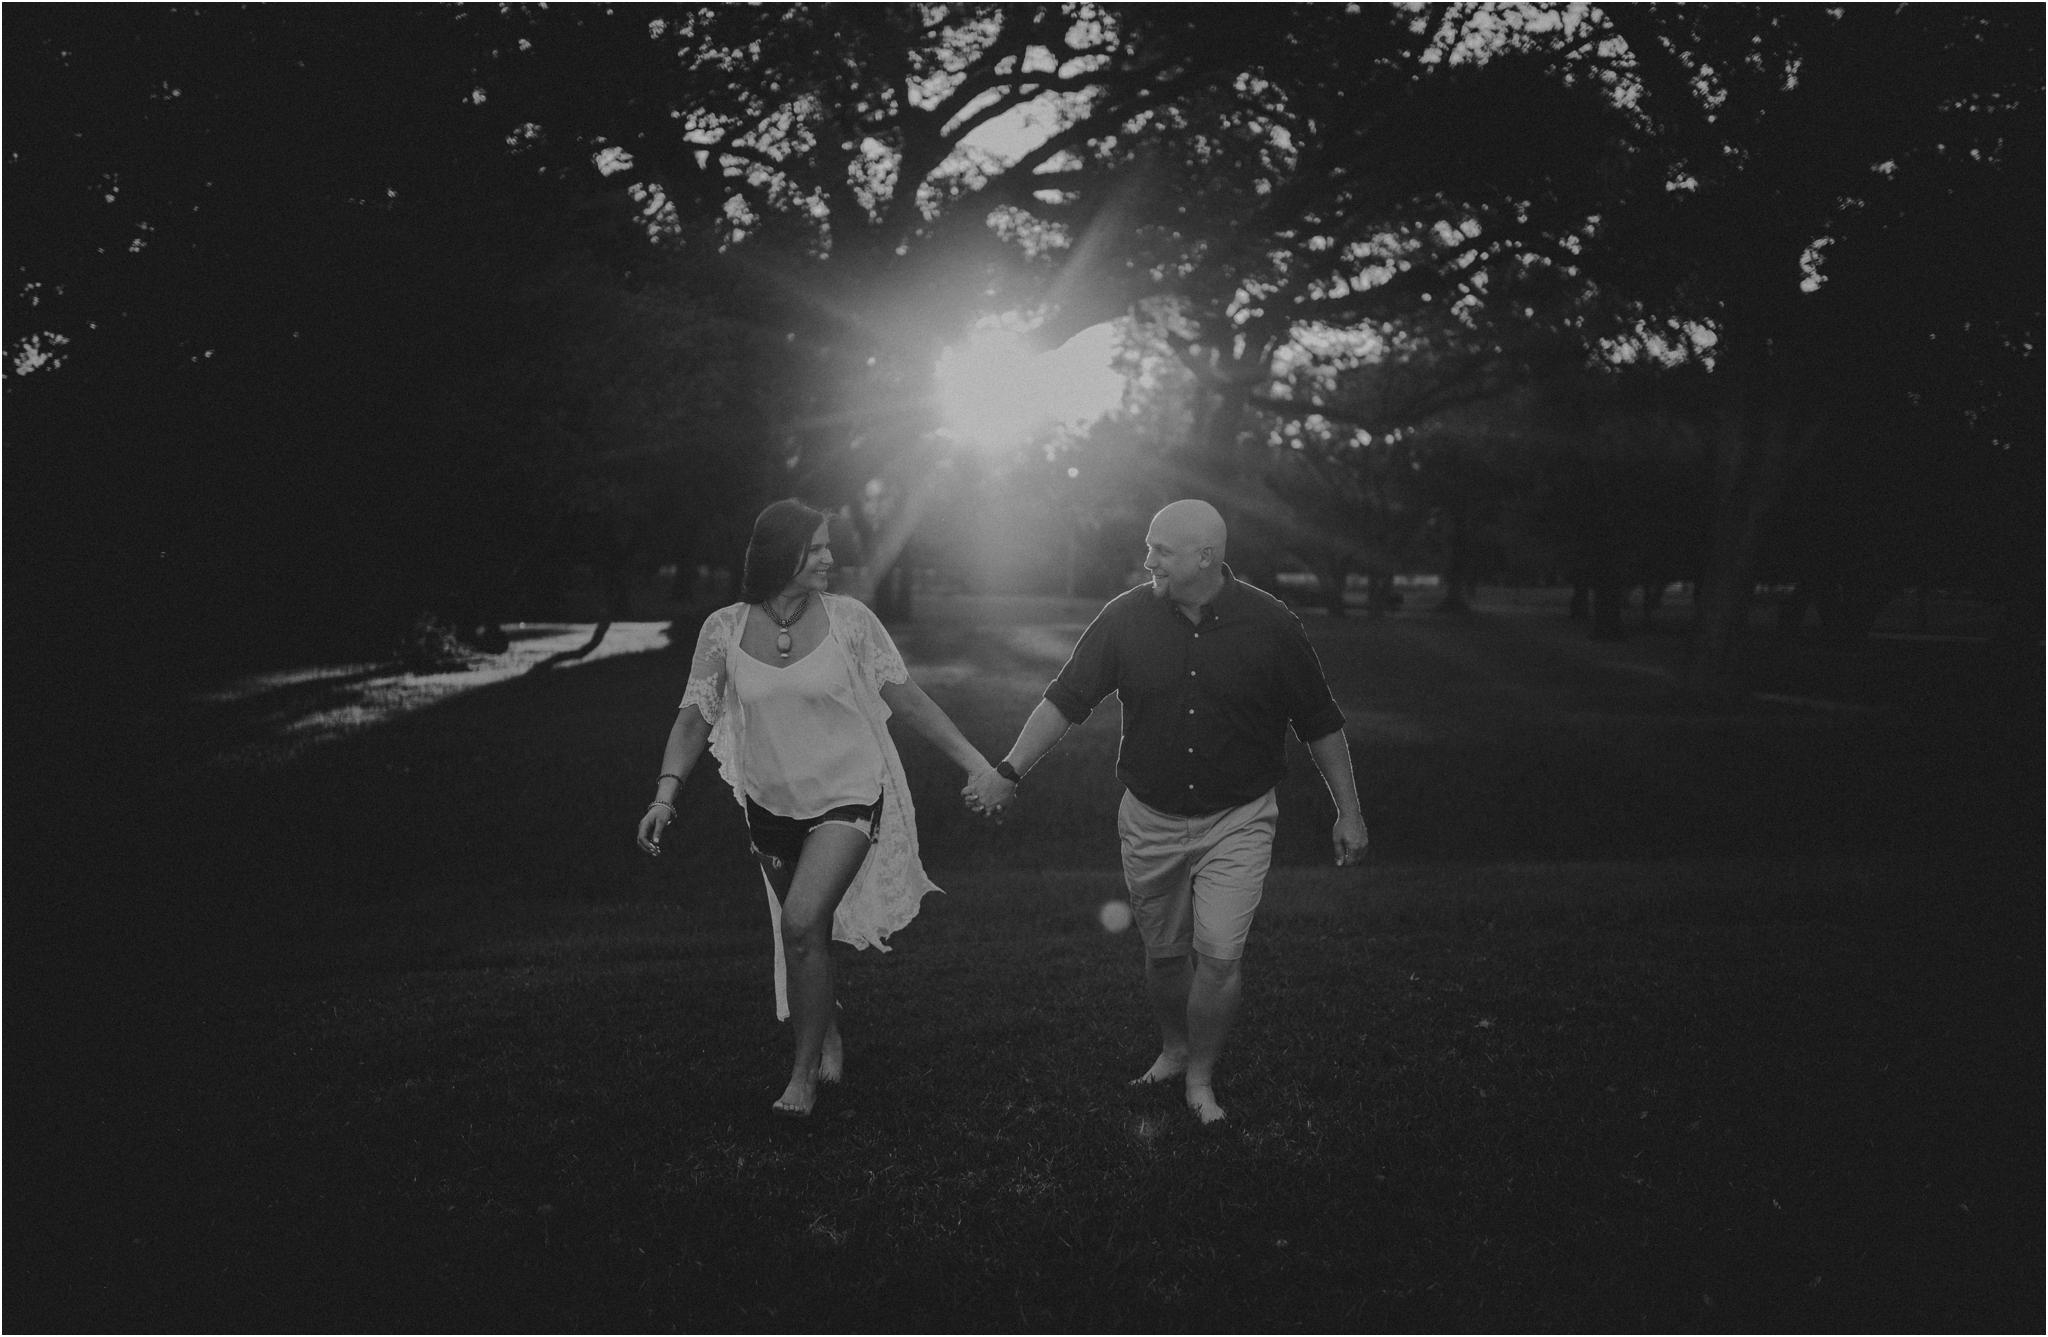 katie-and-eric-houston-oaks-engagement-session-houston-wedding-photographer-032.jpg